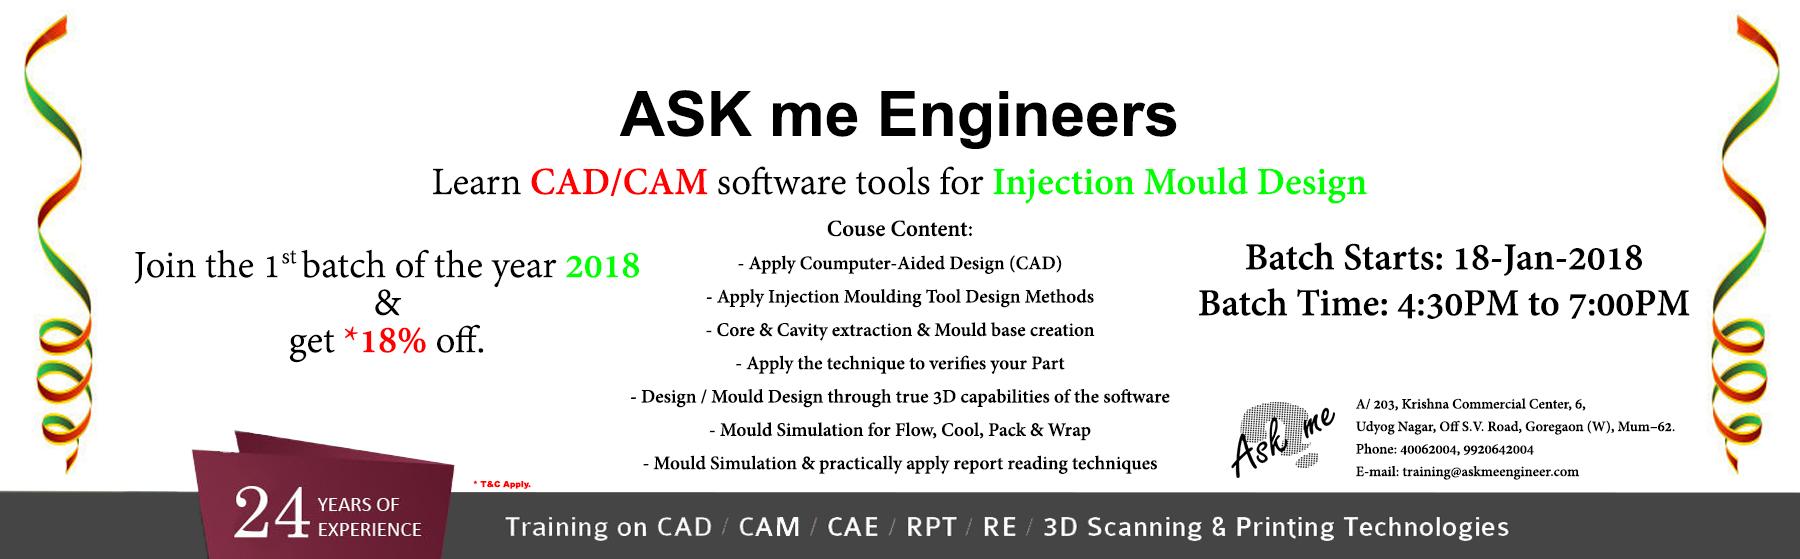 ASK me Engineers